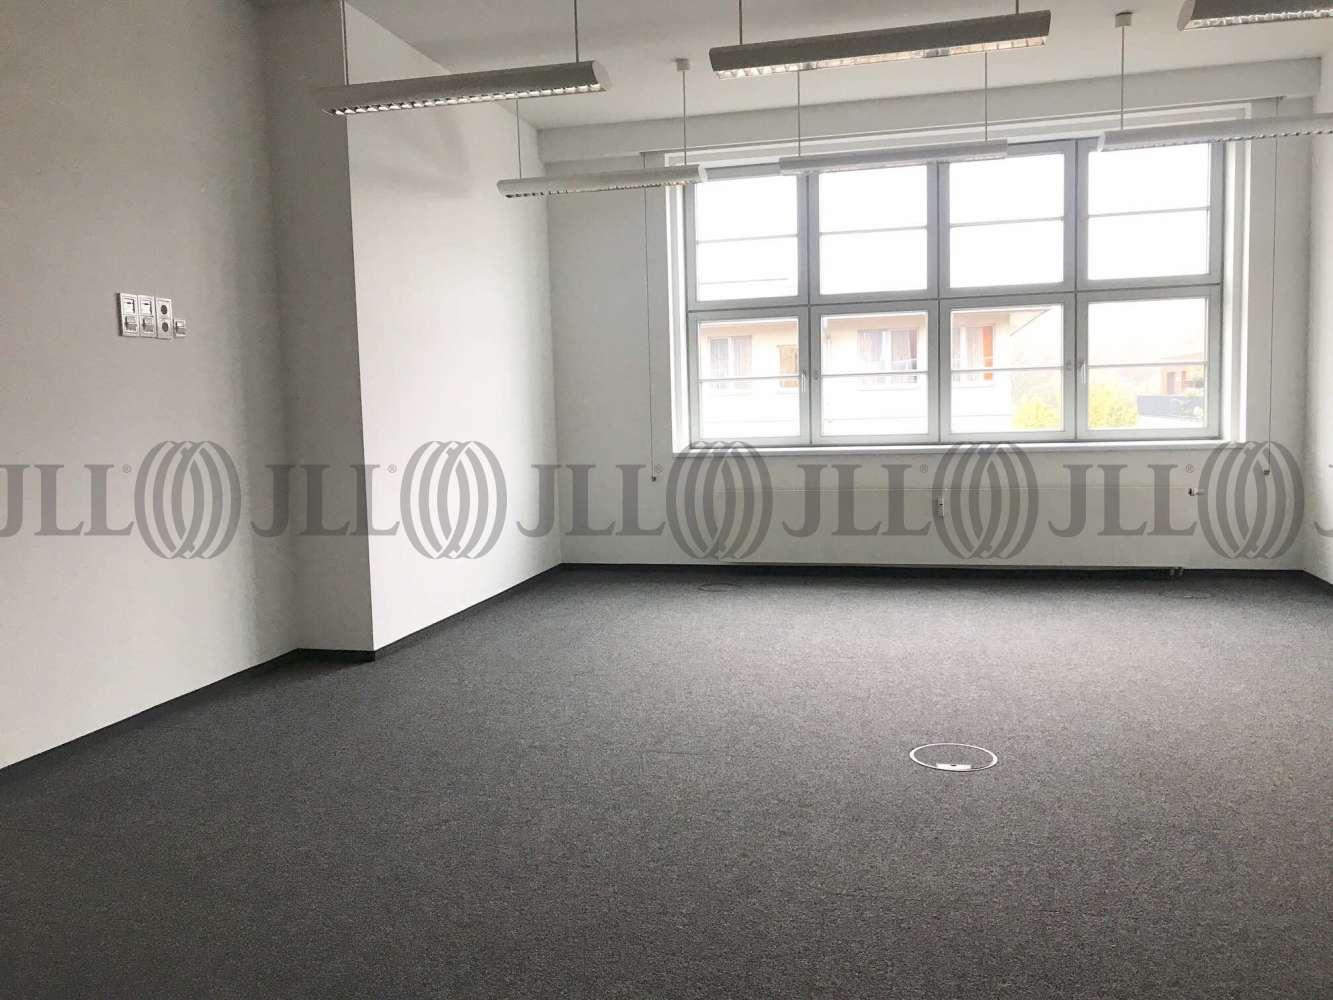 Büros Berlin, 12435 - Büro - Berlin, Treptow - B0546 - 10876050